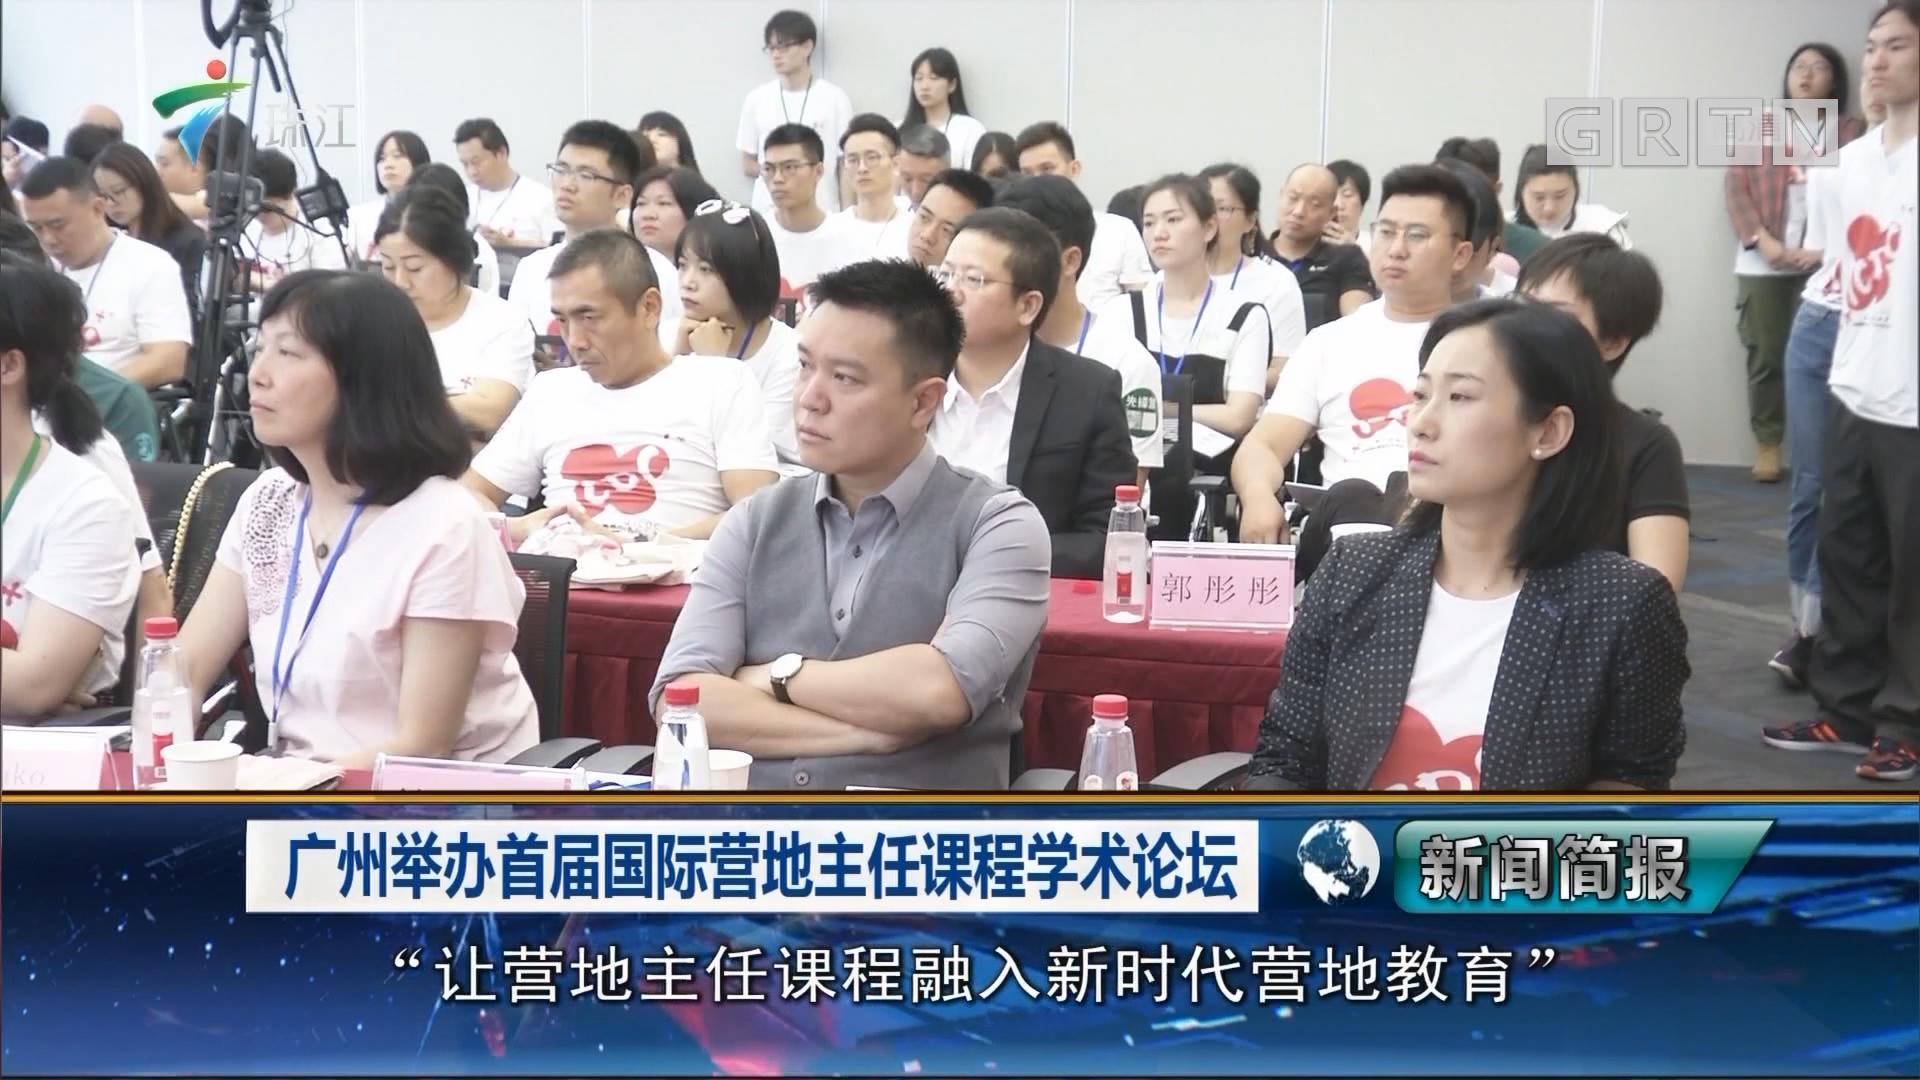 广州举办首届国际营地主任课程学术论坛